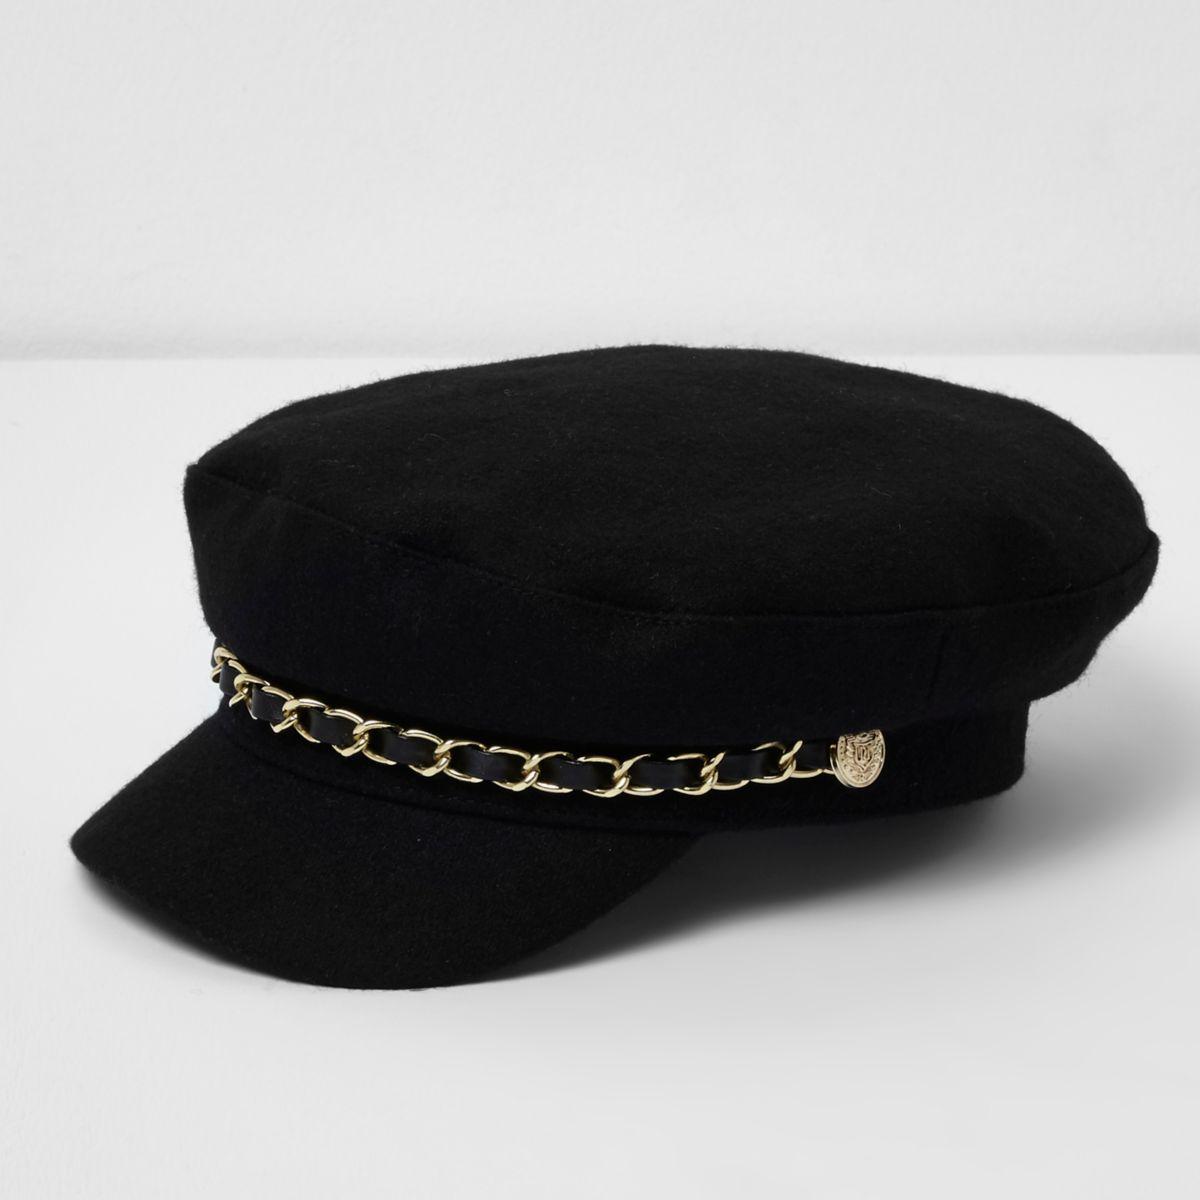 Casquette gavroche noire avec bordure chaîne pour fille